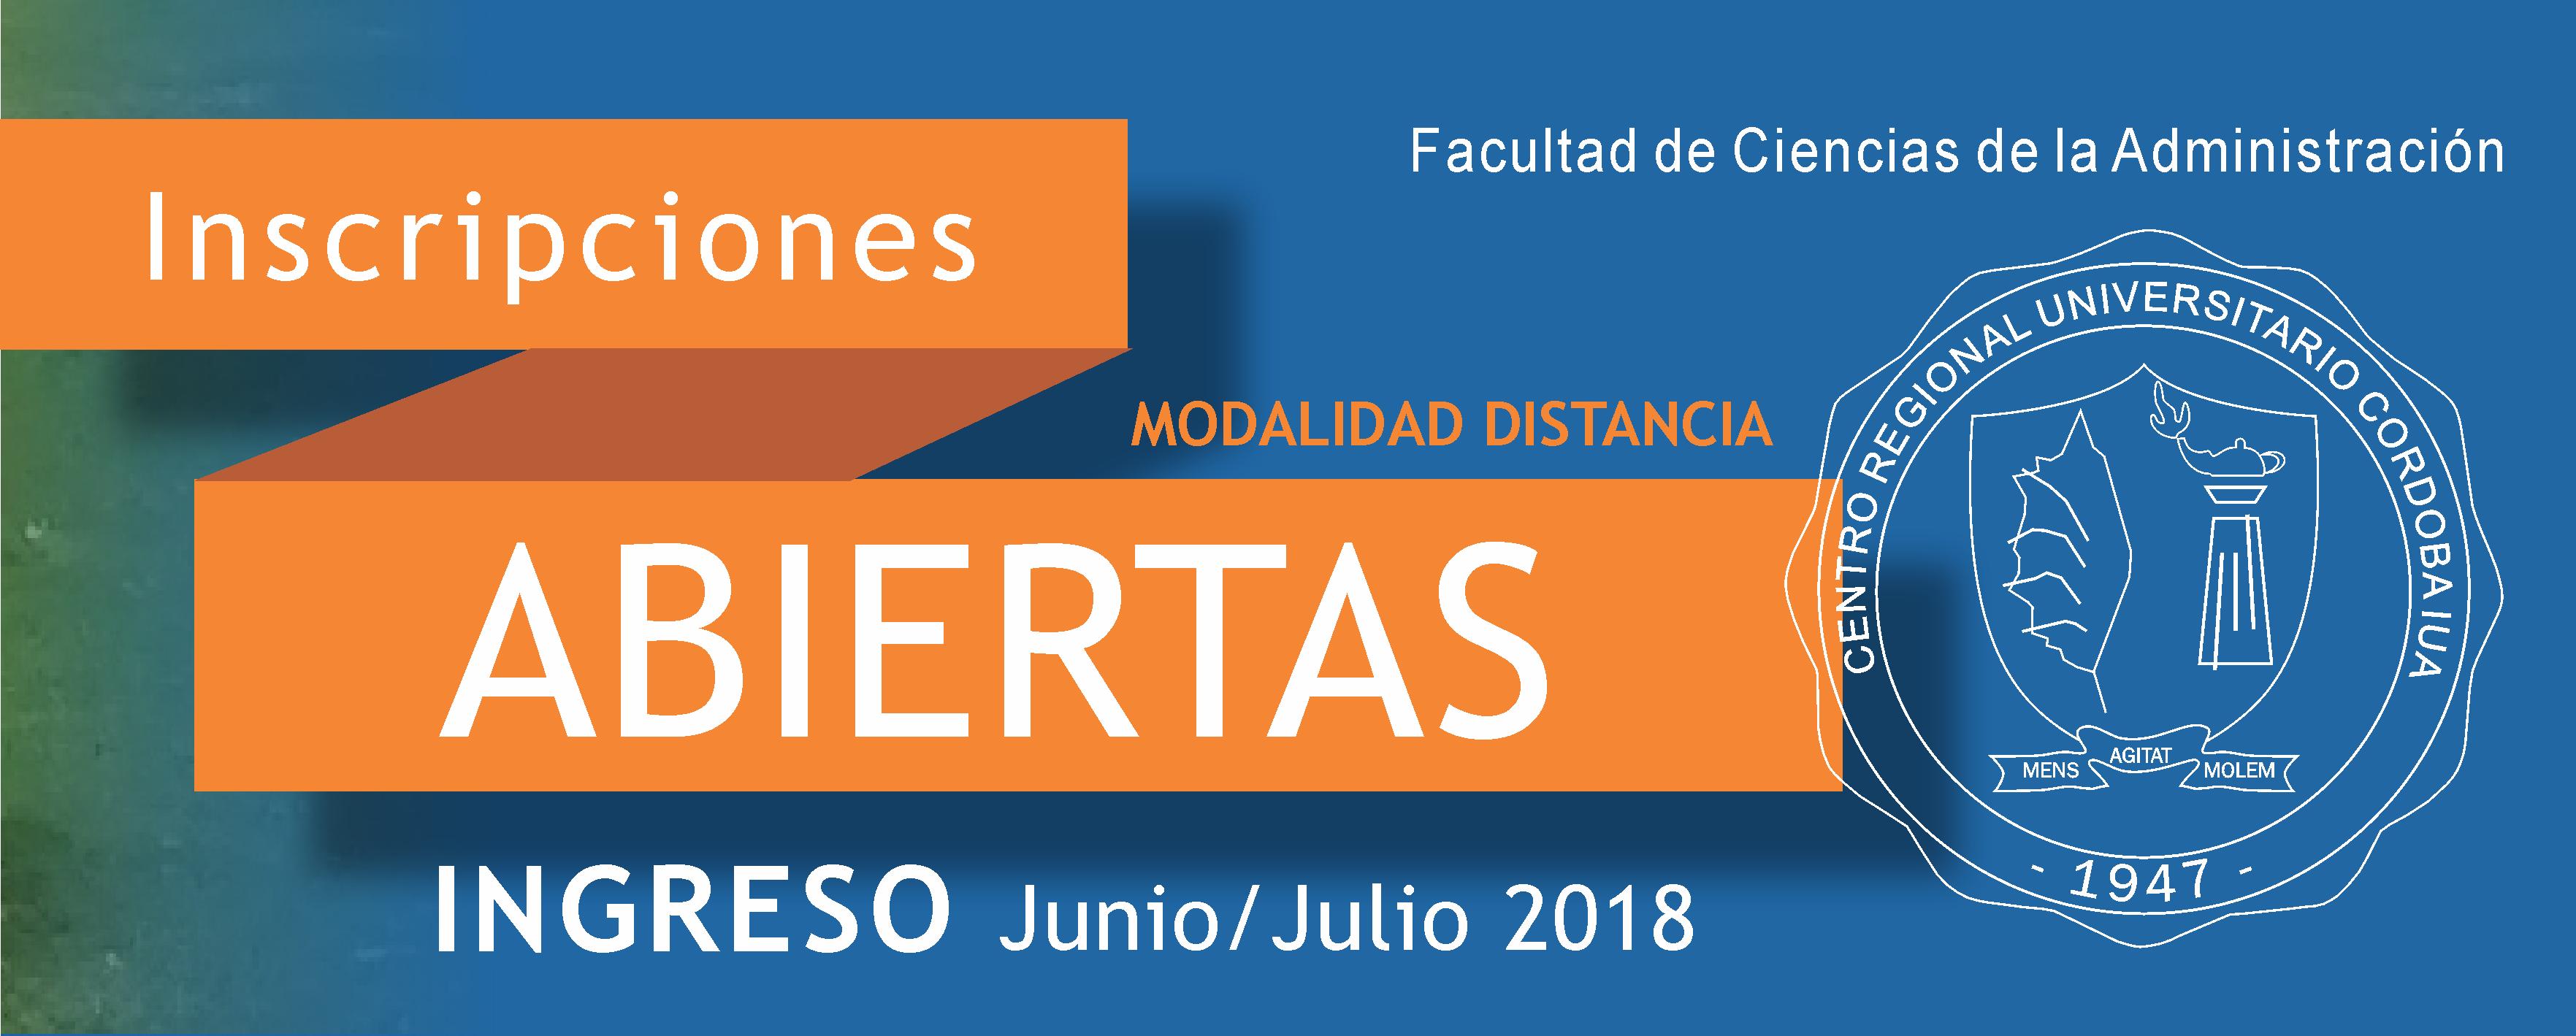 Ingreso 2018:  Inscripciones Abiertas en Junio/julio - Modalidad Distancia